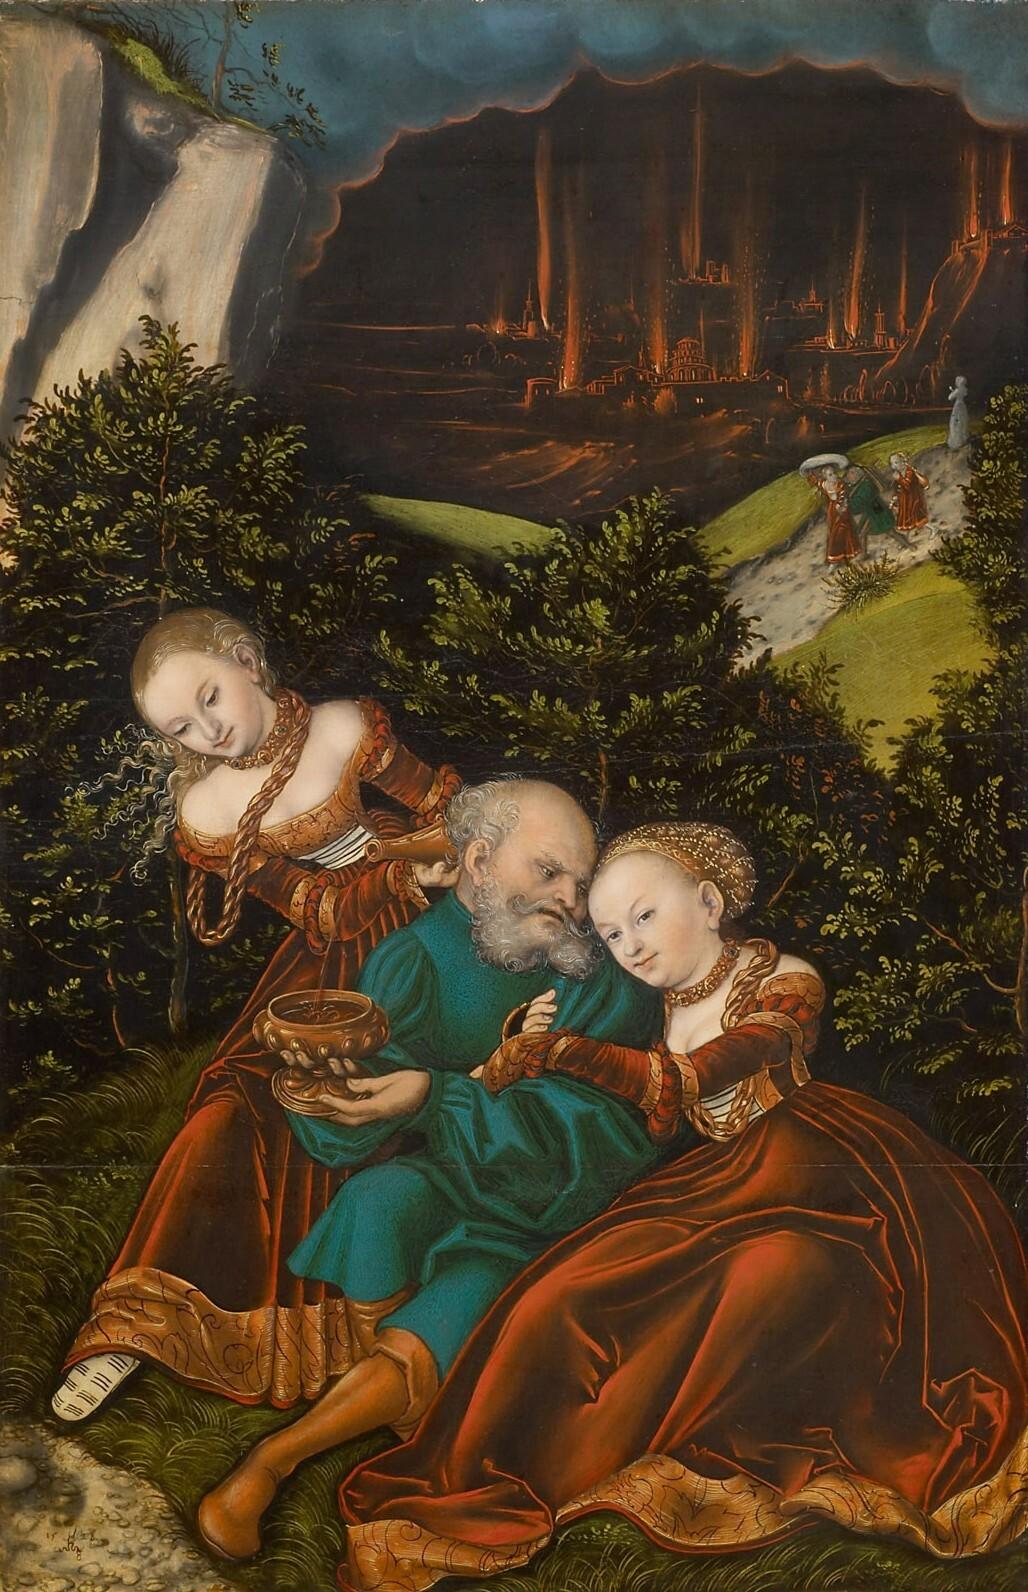 Lot und seine Töchter von Lucas Cranach d. Ä.